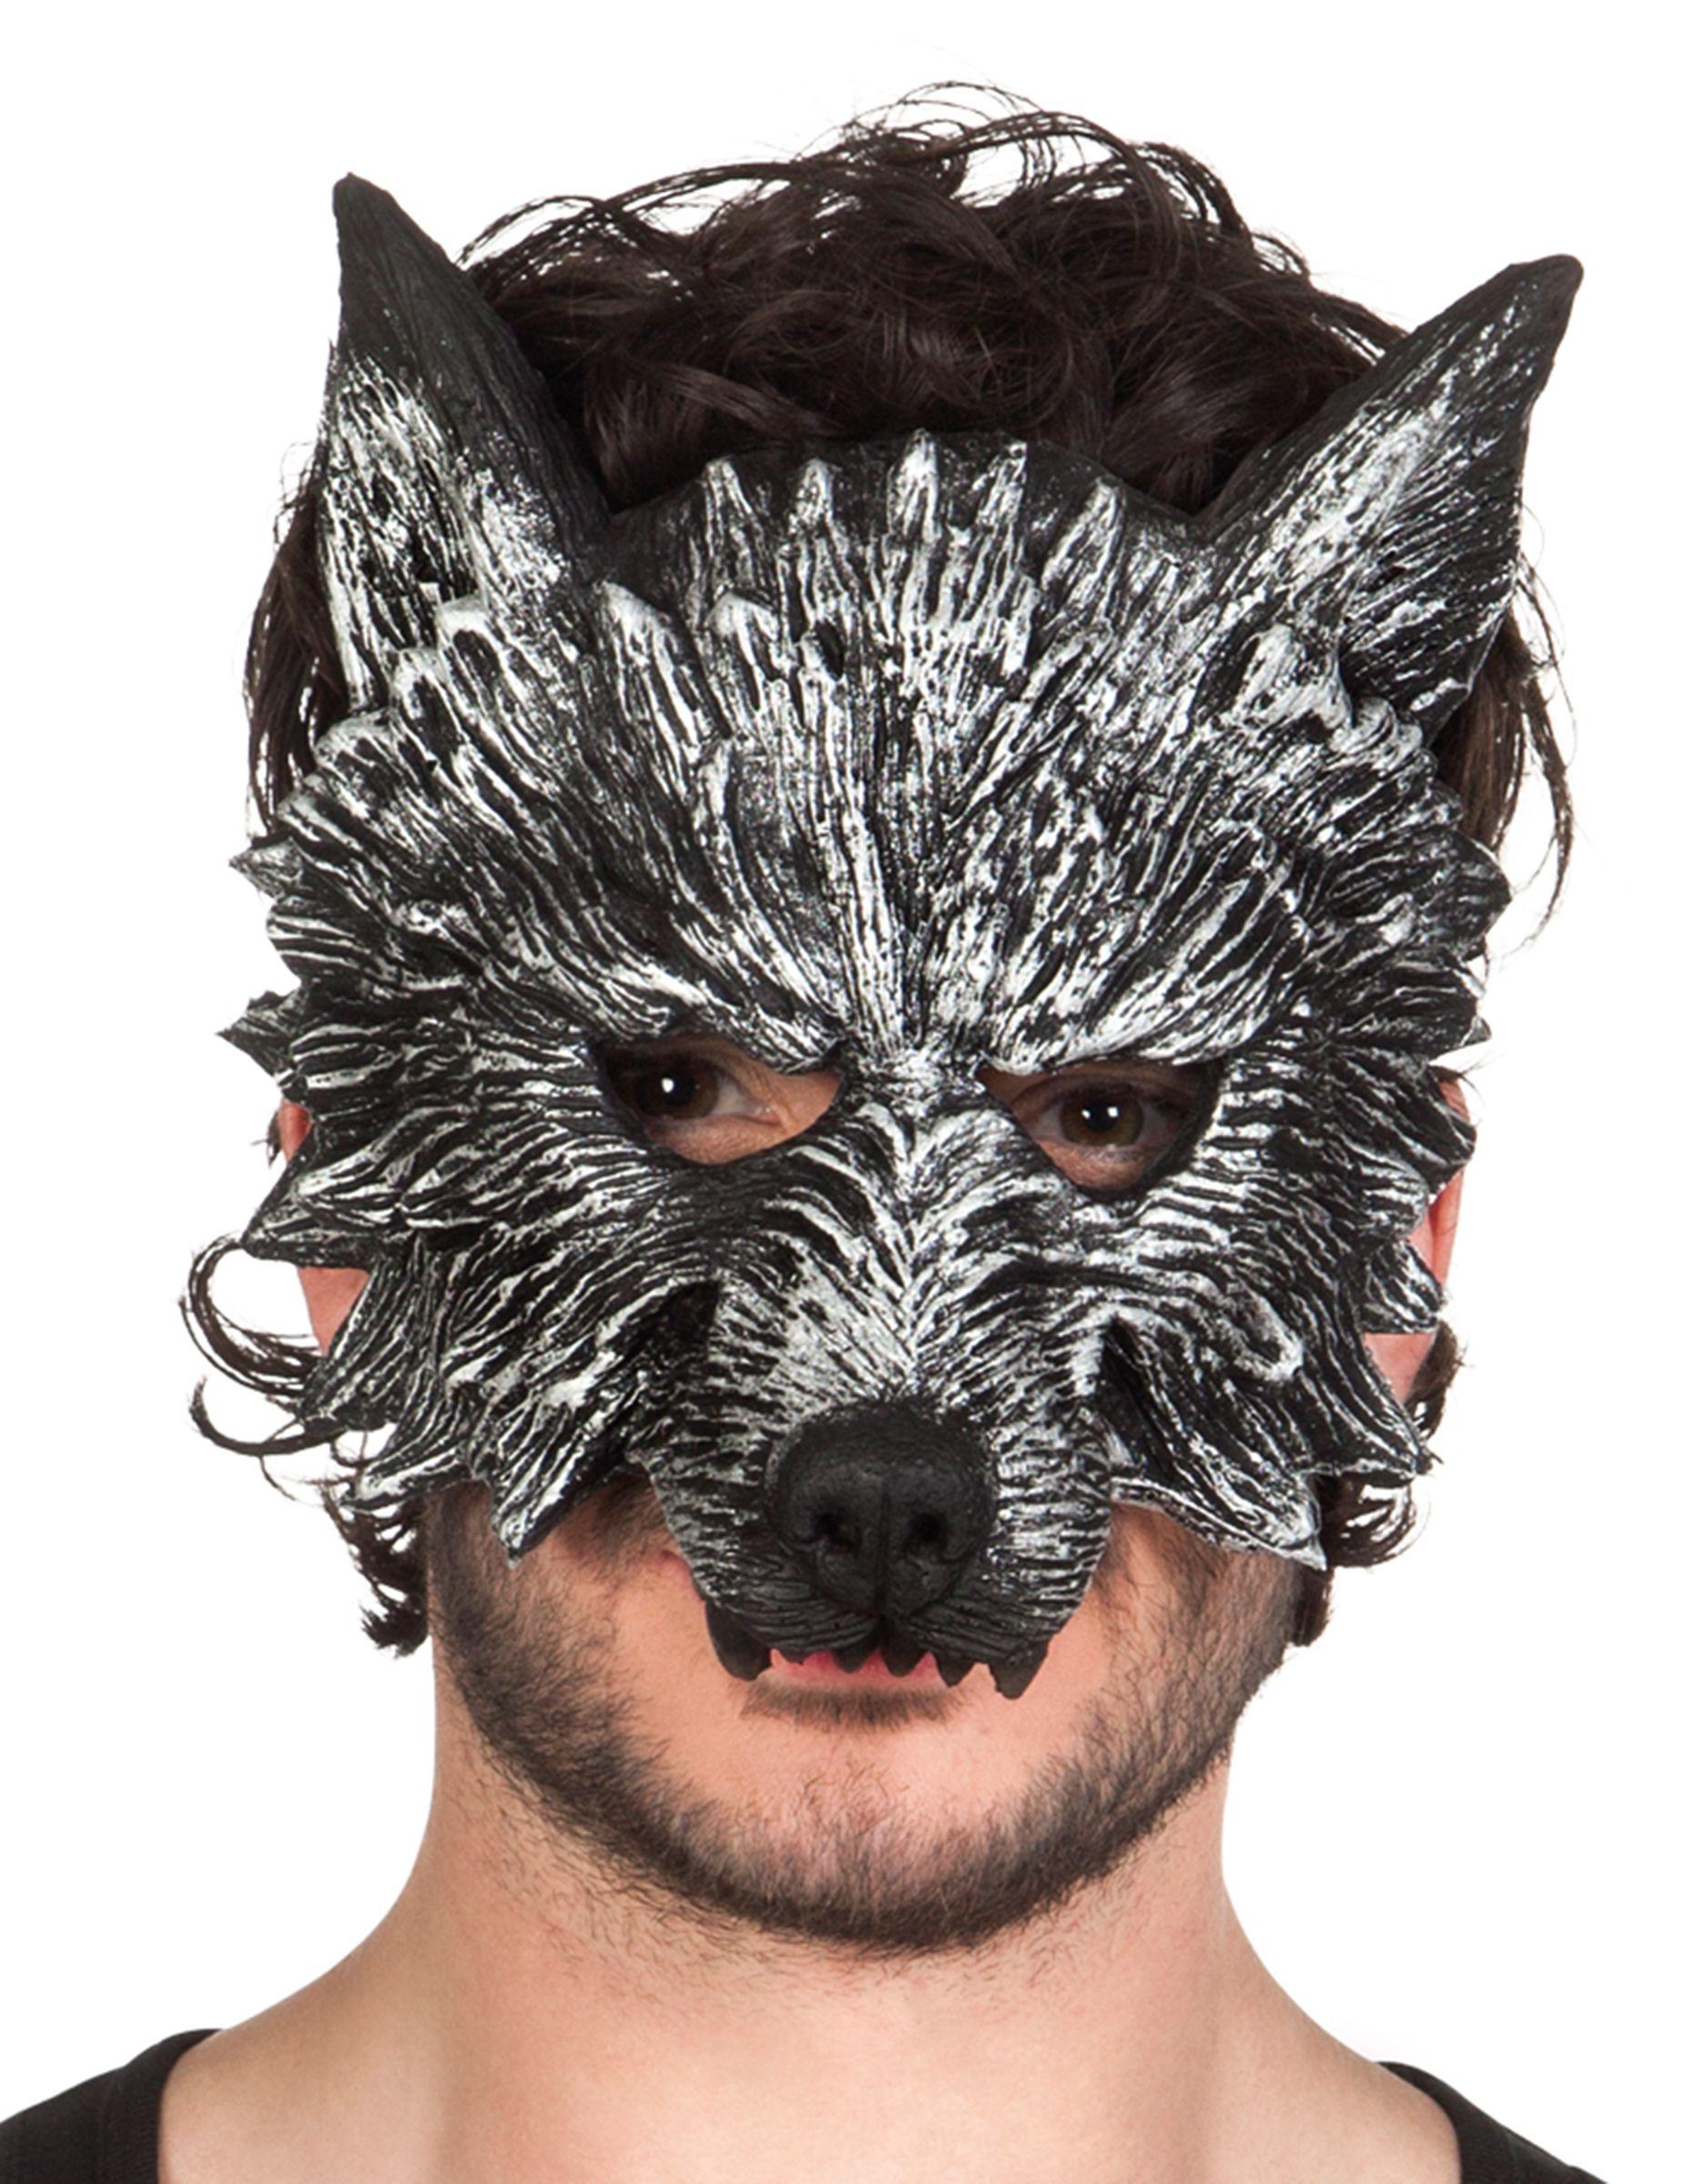 17+ Maschera di carnevale particolare ideas in 2021